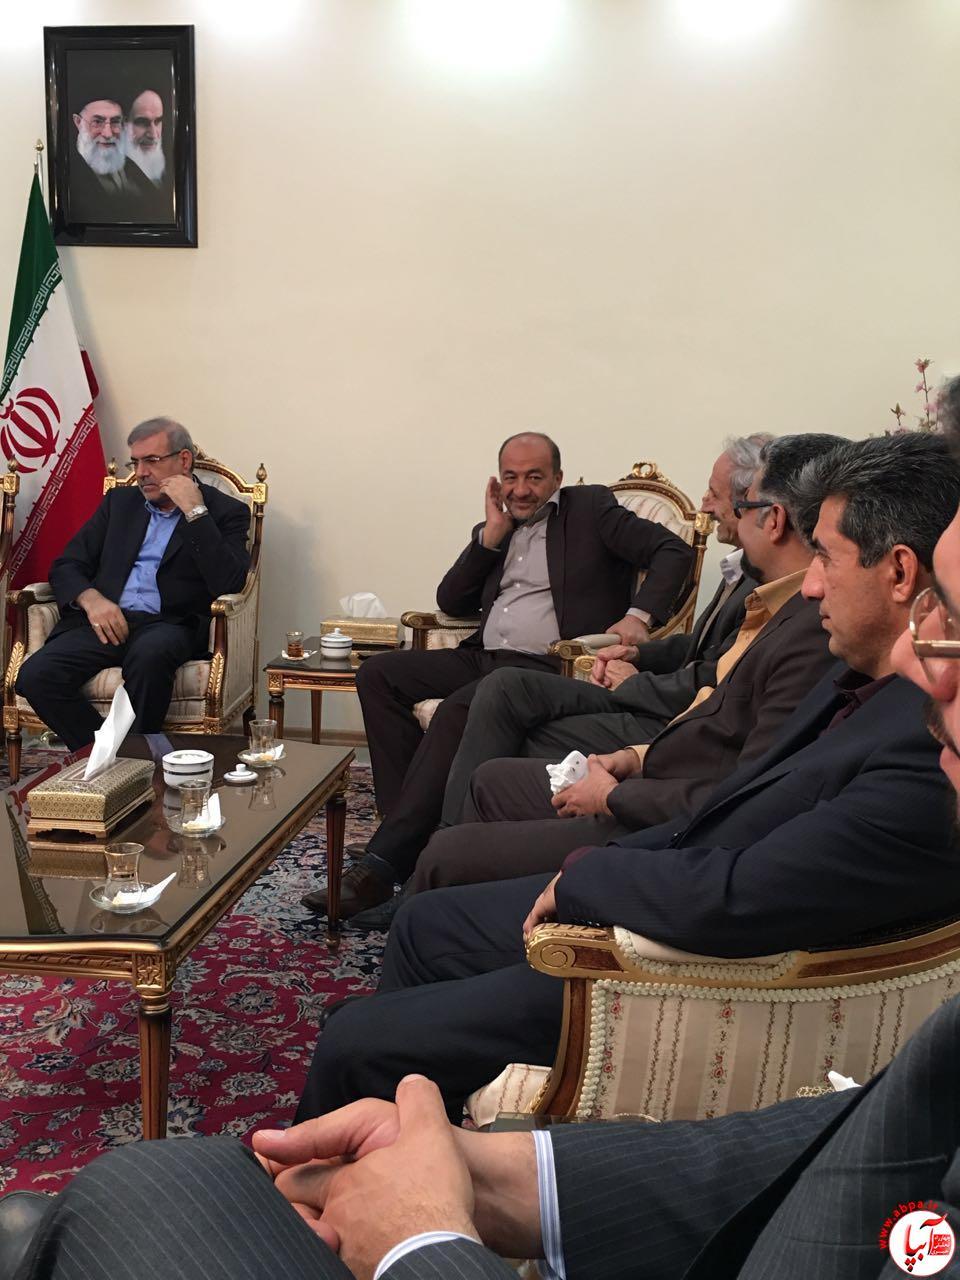 نشست نمایندگان منتخب حزب اعتدال و توسعه فارس با معاون سیاسی حزب اعتدال و توسعه